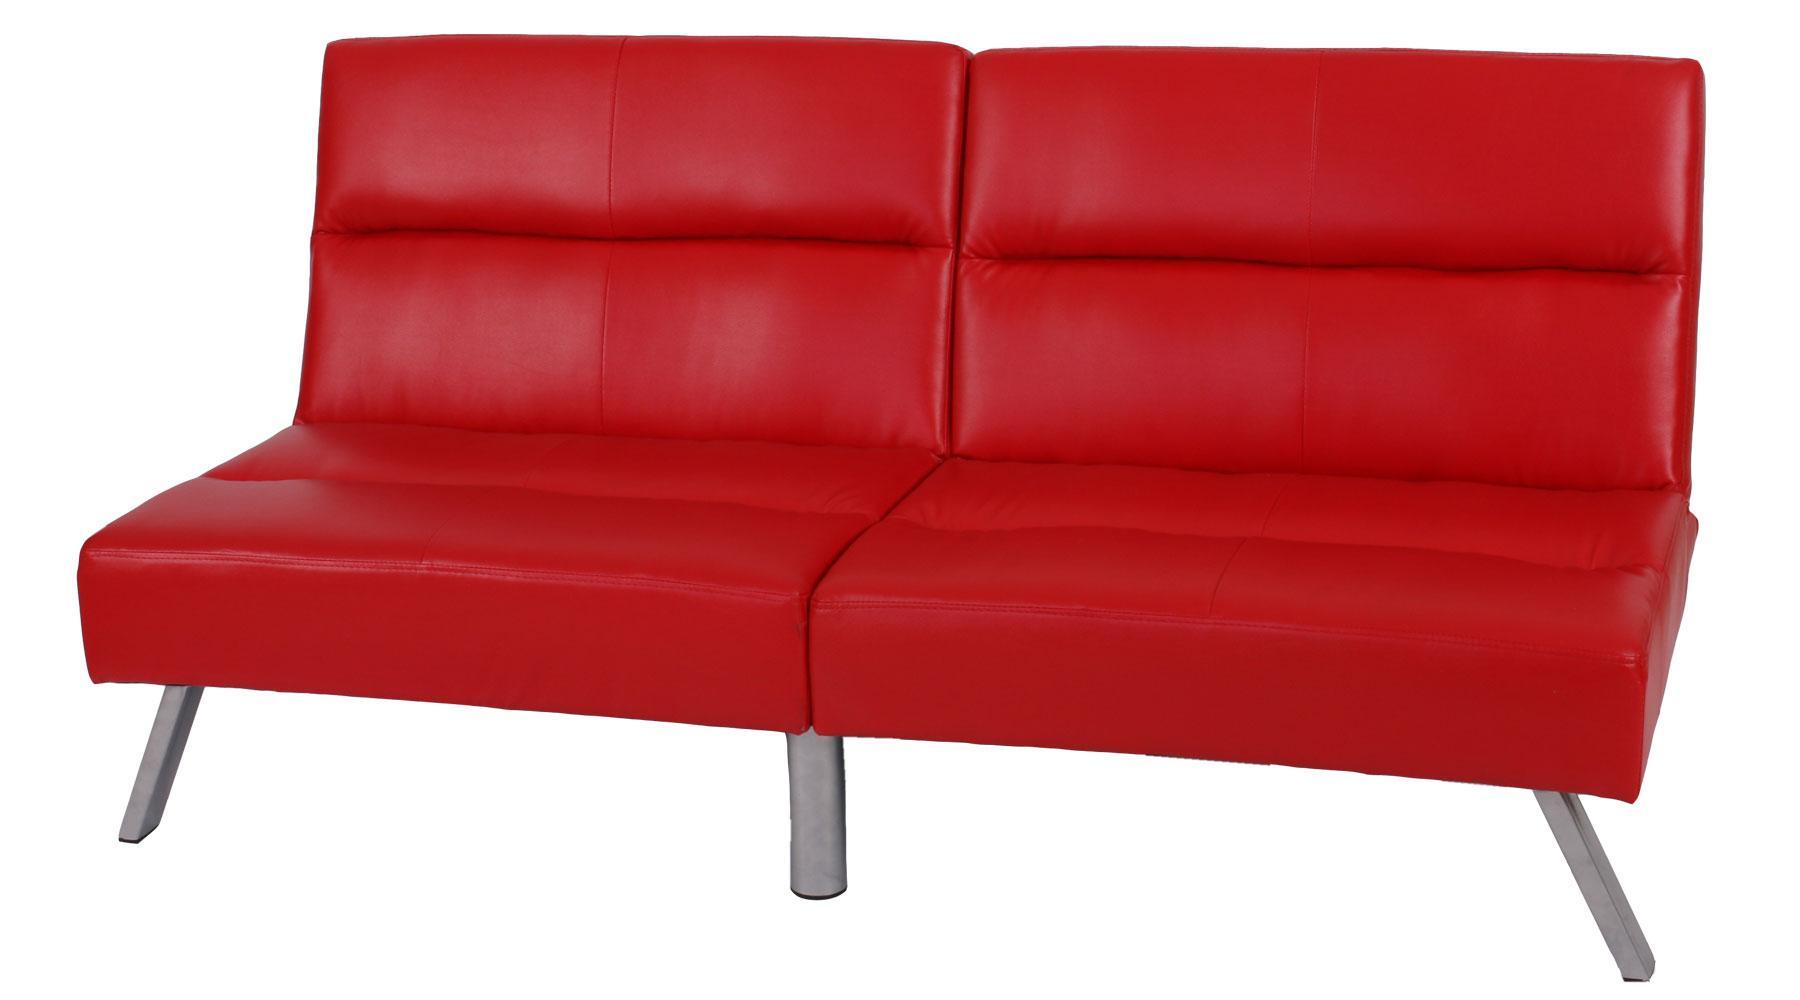 Sof plegable de 3 plazas romeo muy vers til y c modo en piel color rojo sof plegable 3 - Sofas muy comodos ...